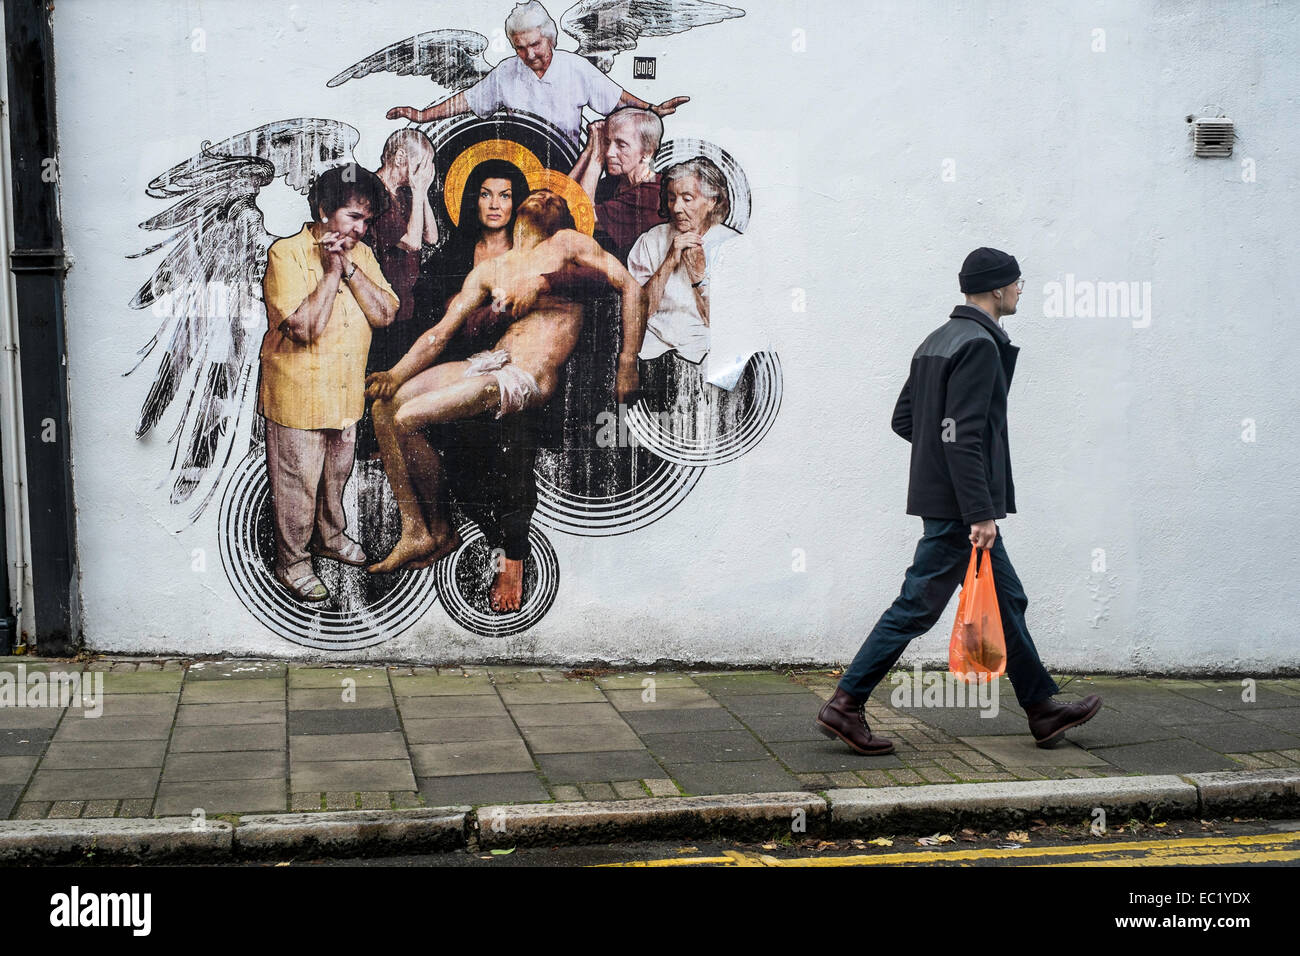 Graffiti wall art uk - London Uk Islington Graffiti Art Urban Wall Town